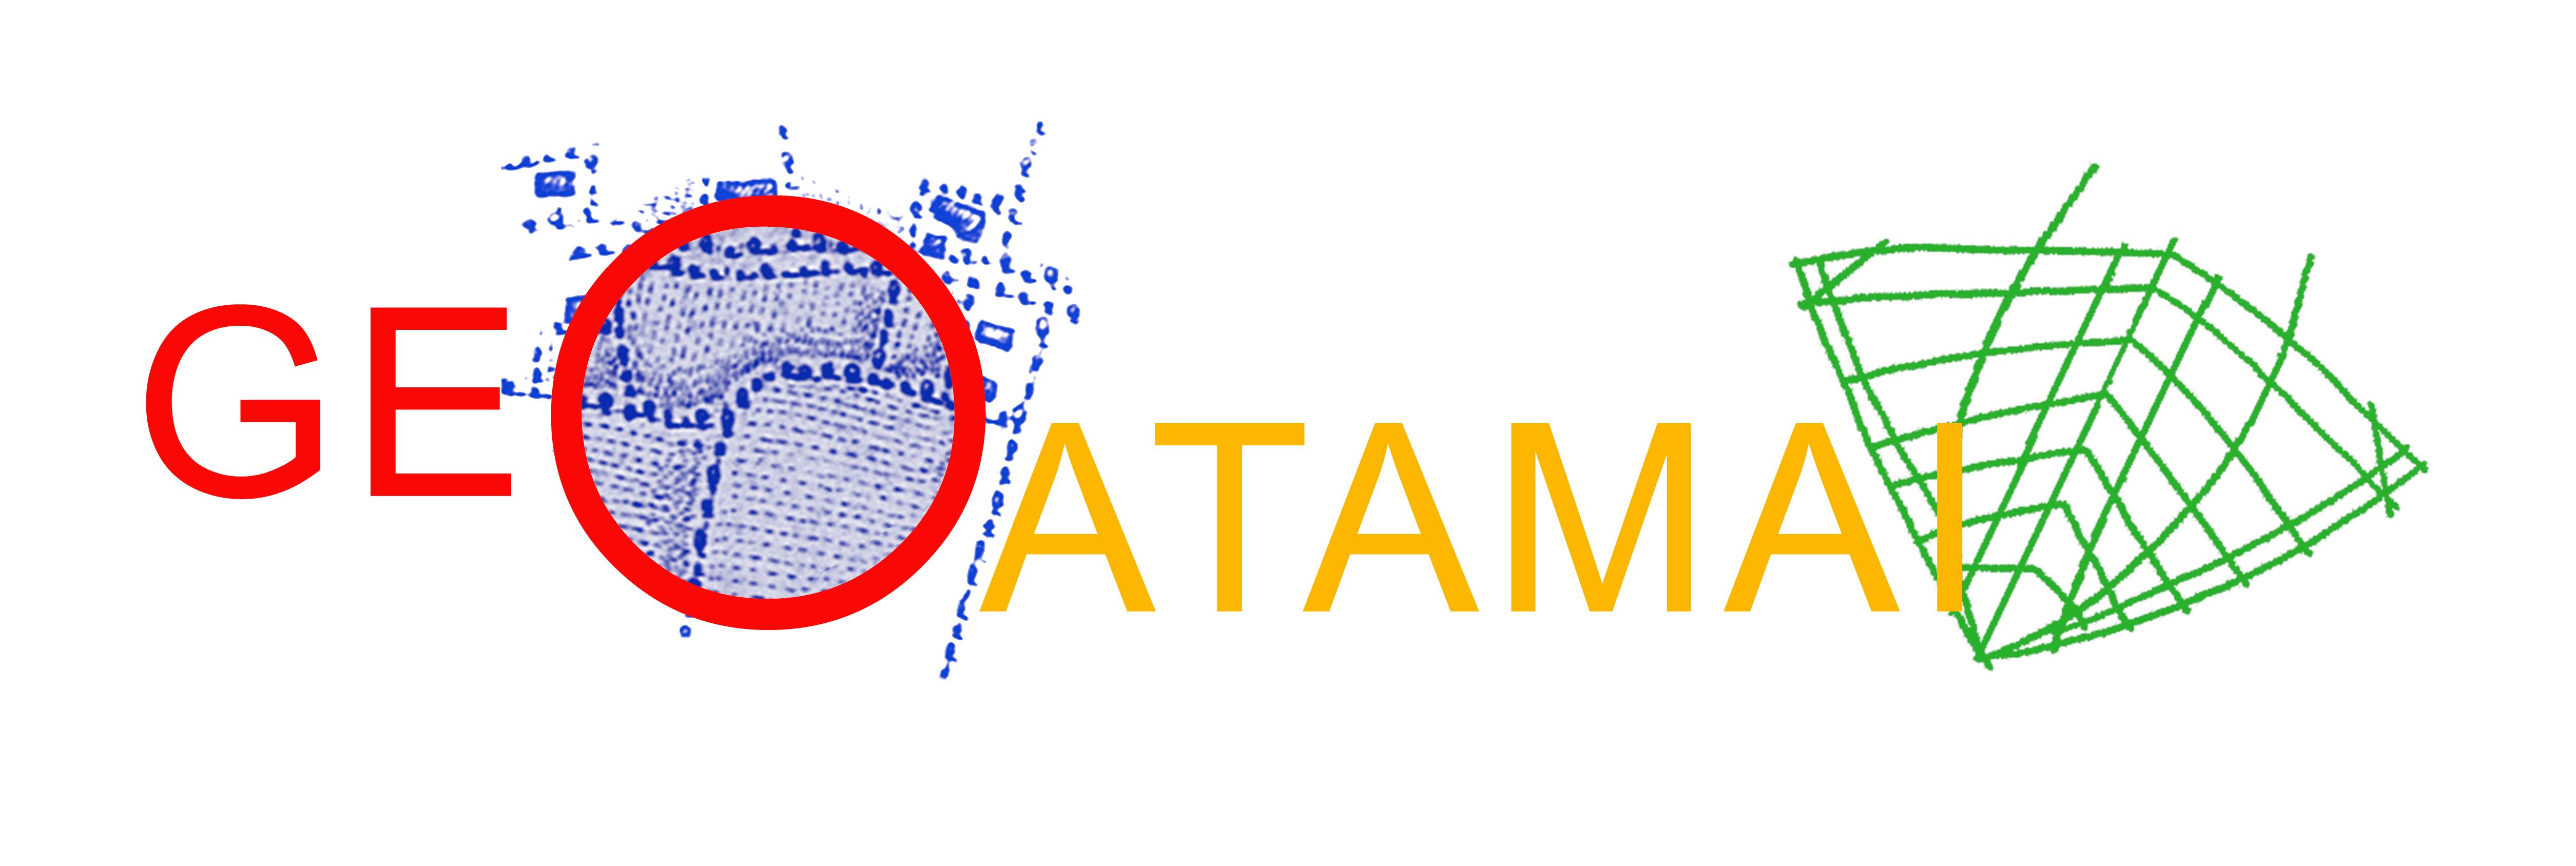 geoatamai-logo-high